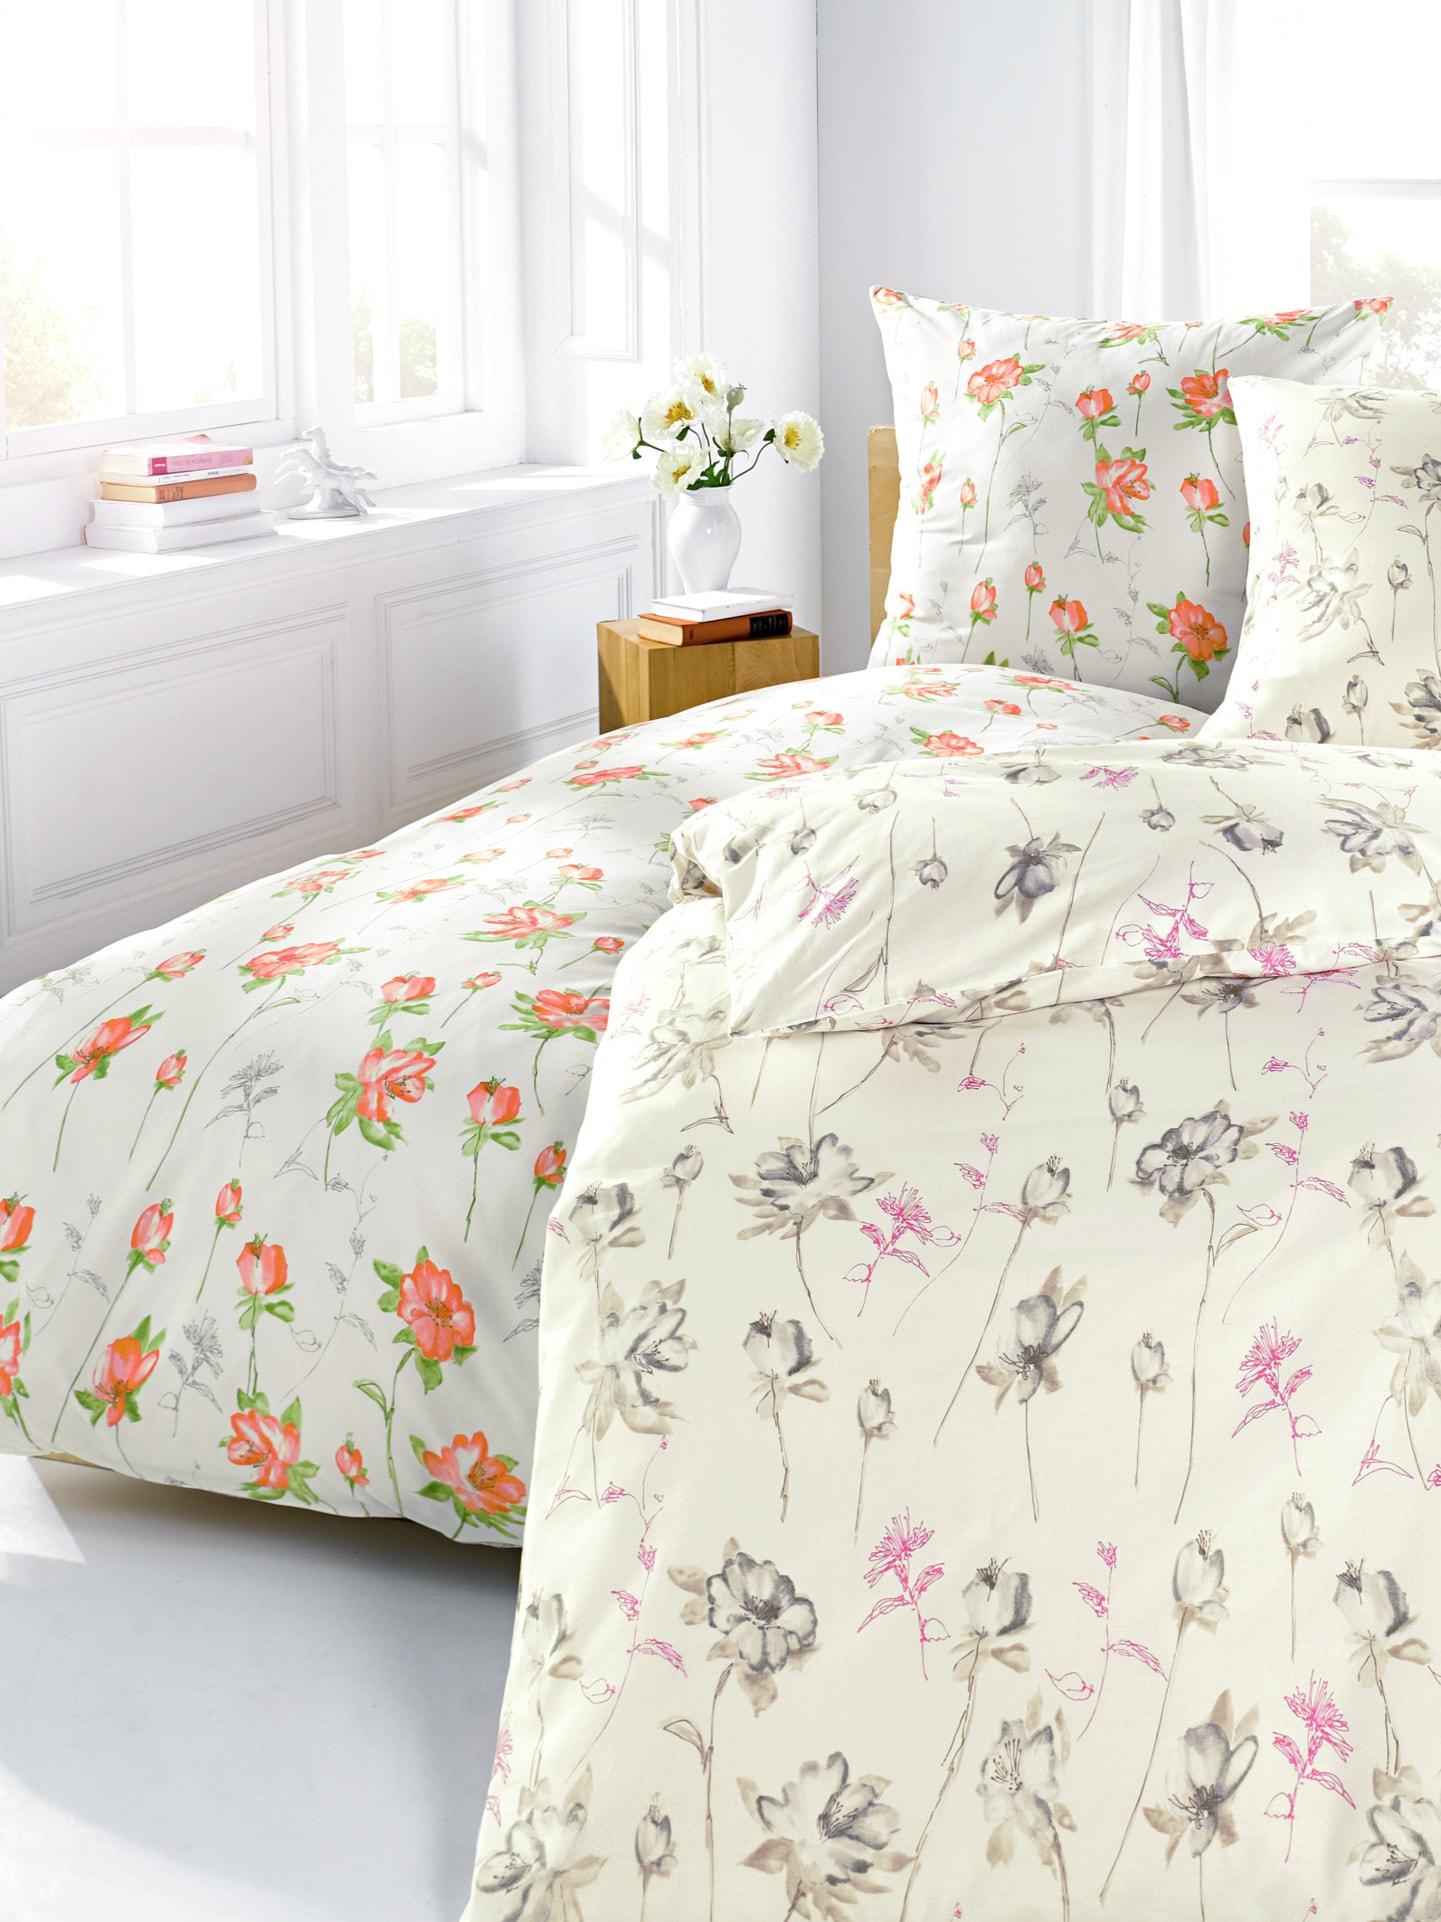 baumwolle bettw sche jungen preisvergleich die besten angebote online kaufen. Black Bedroom Furniture Sets. Home Design Ideas